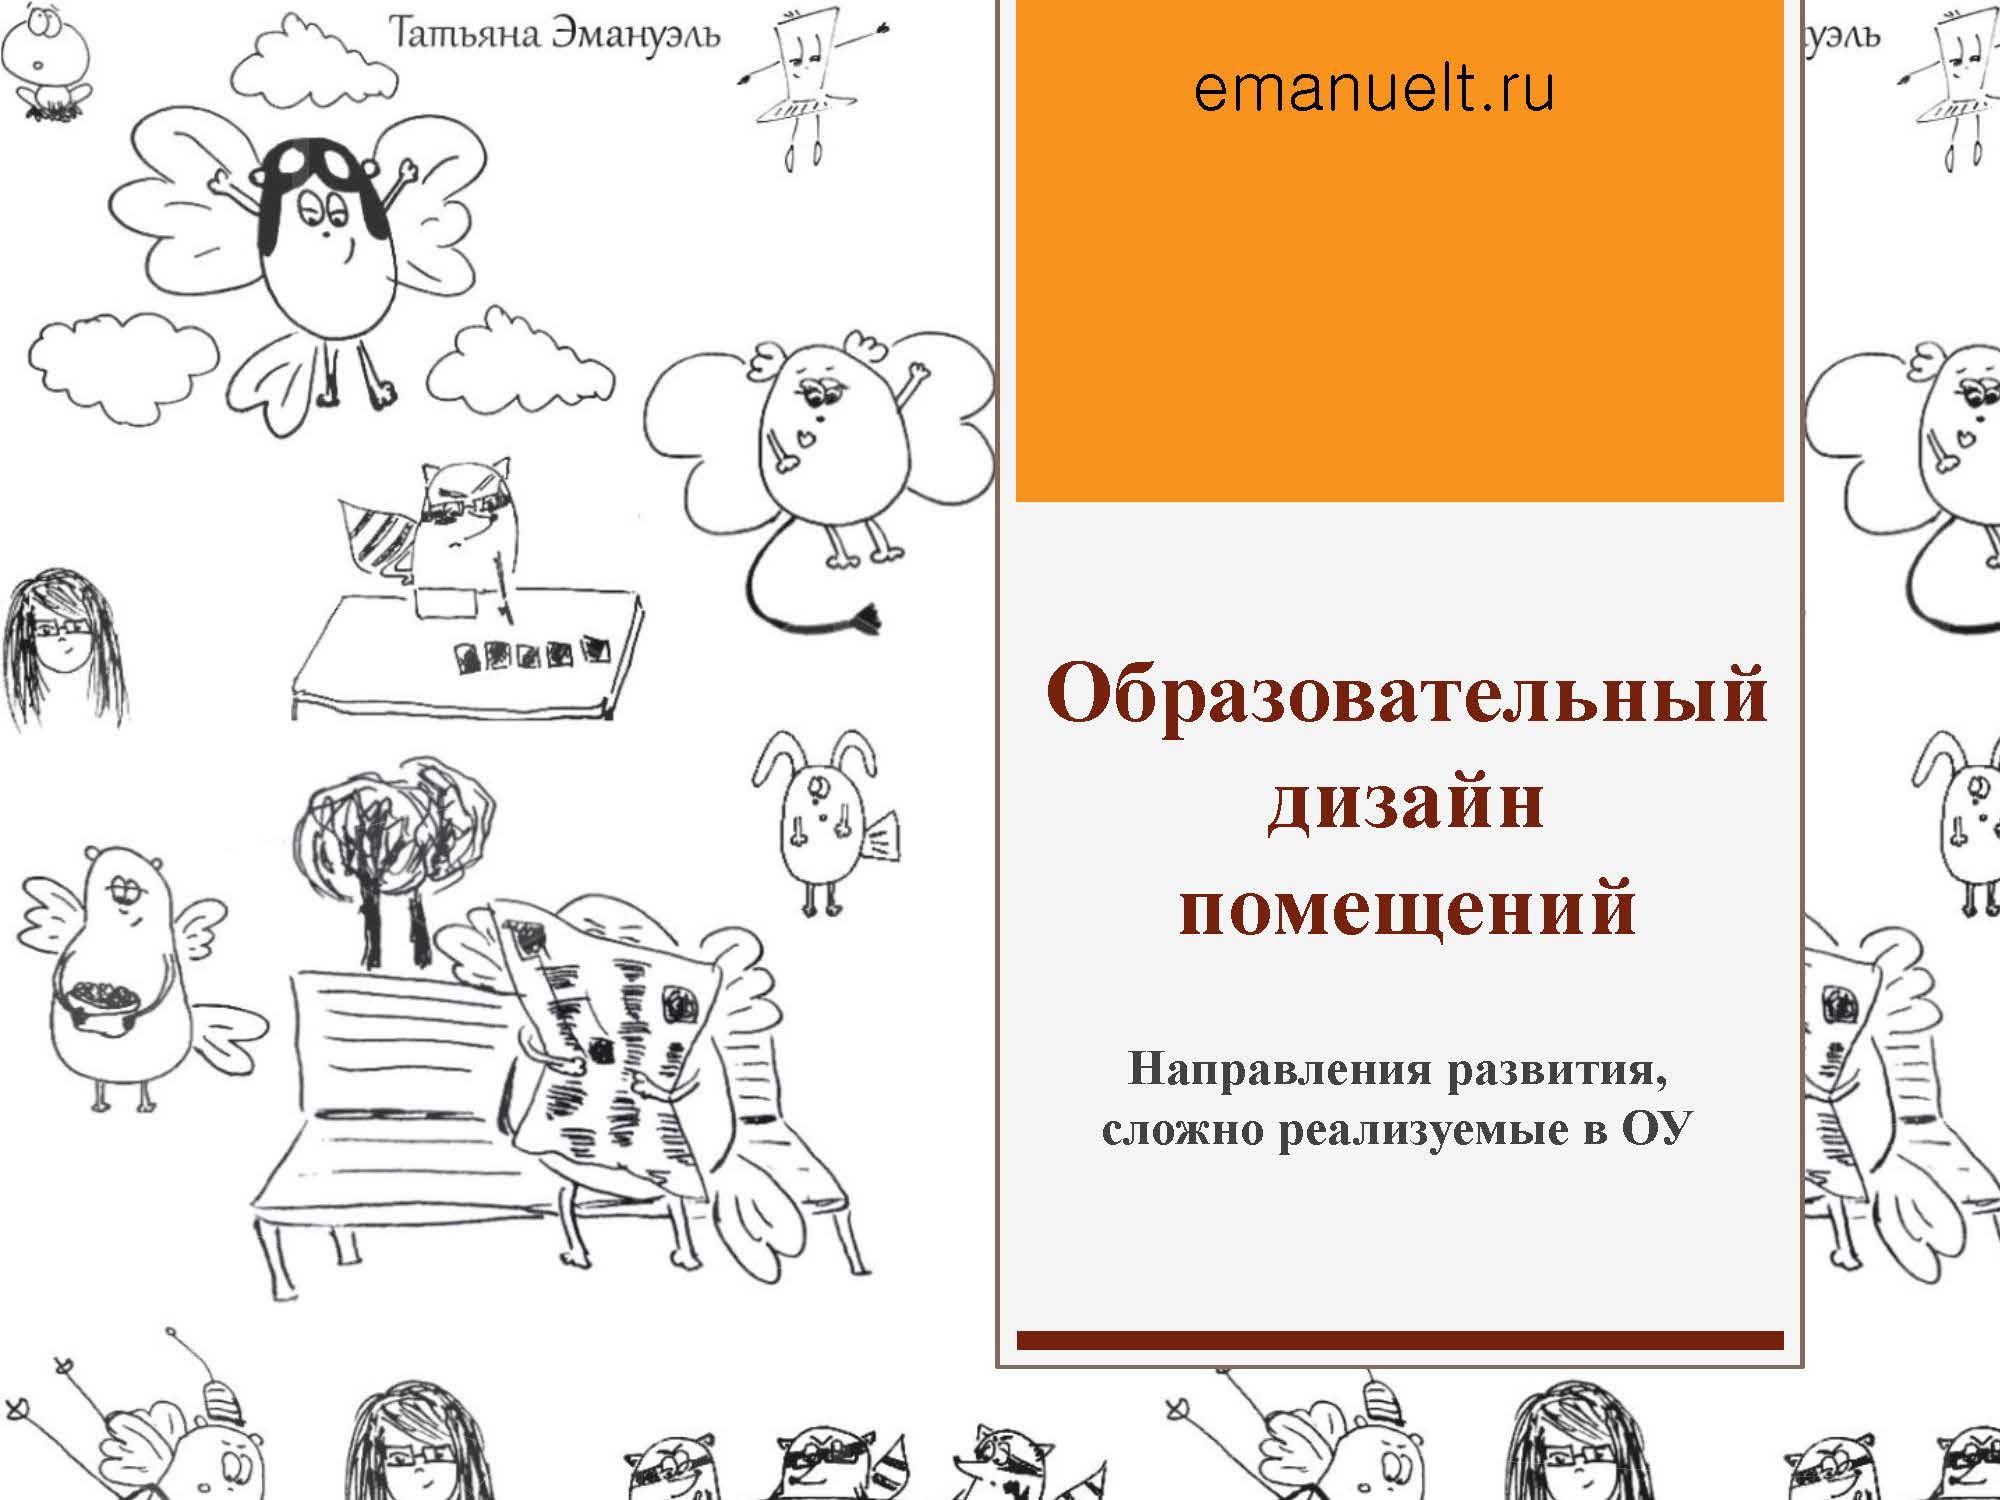 секция 8. Эмануэль Т.С., Московский район_Страница_20